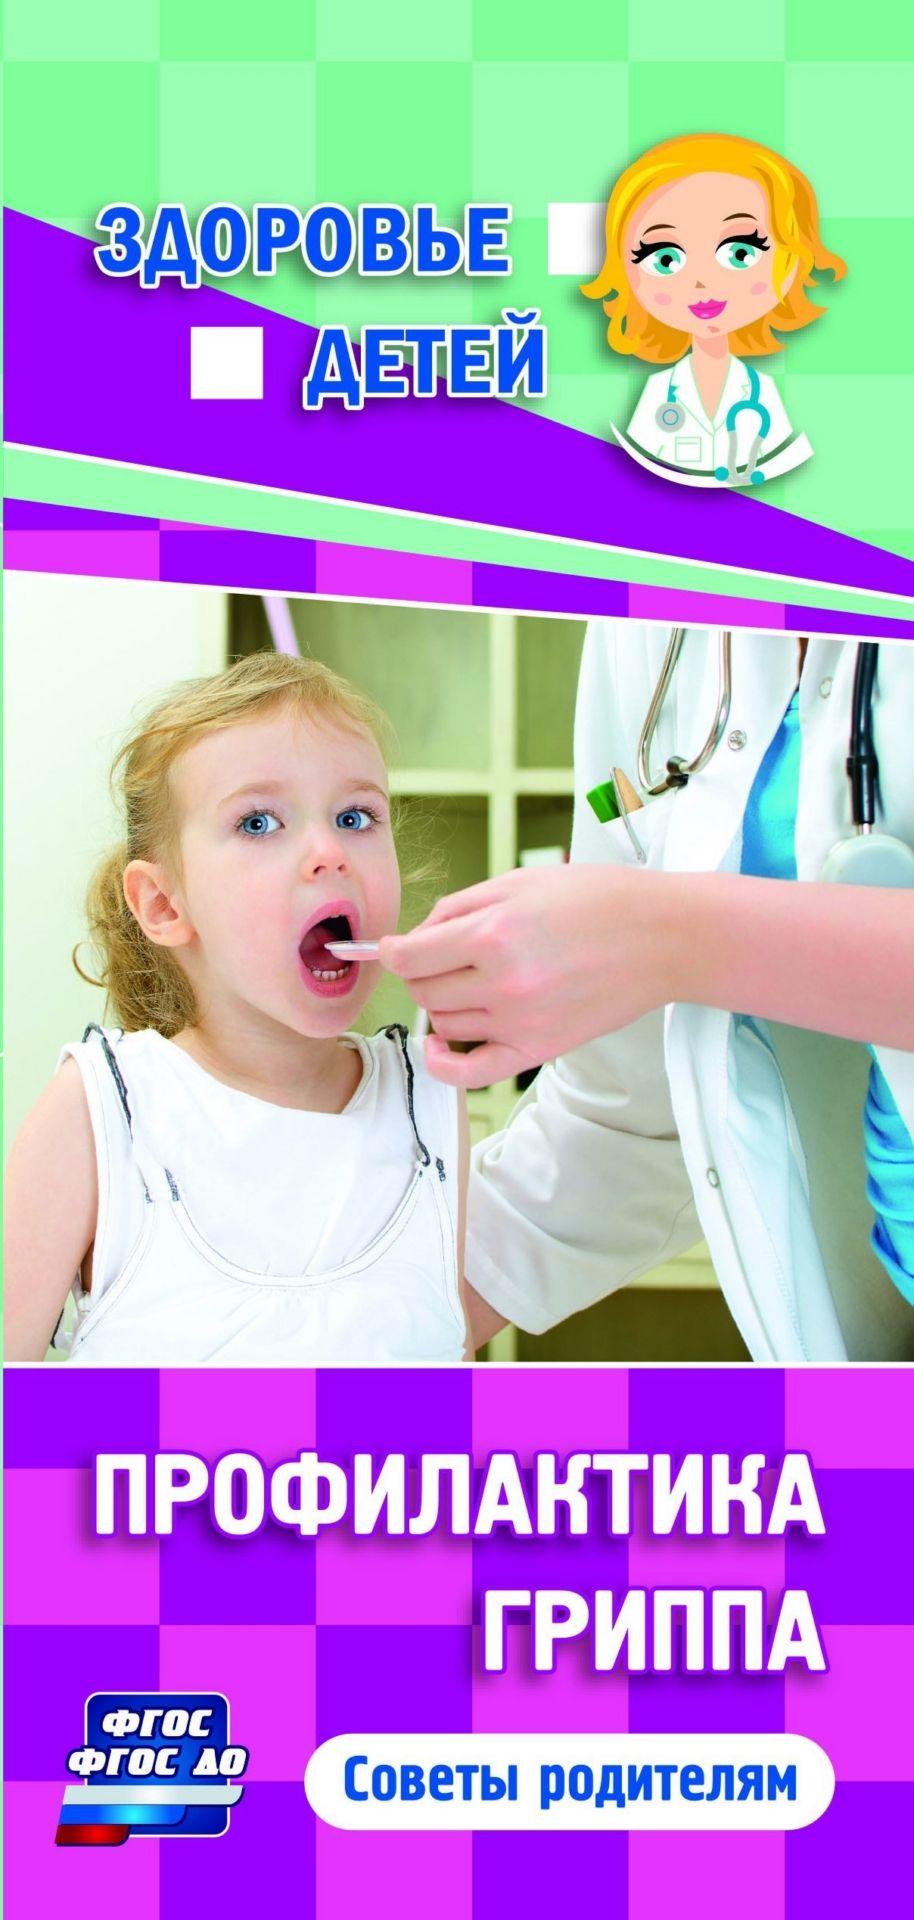 """Памятка """"Здоровье детей"""". Профилактика гриппа: советы родителям (бумага офсетная 80 г)"""